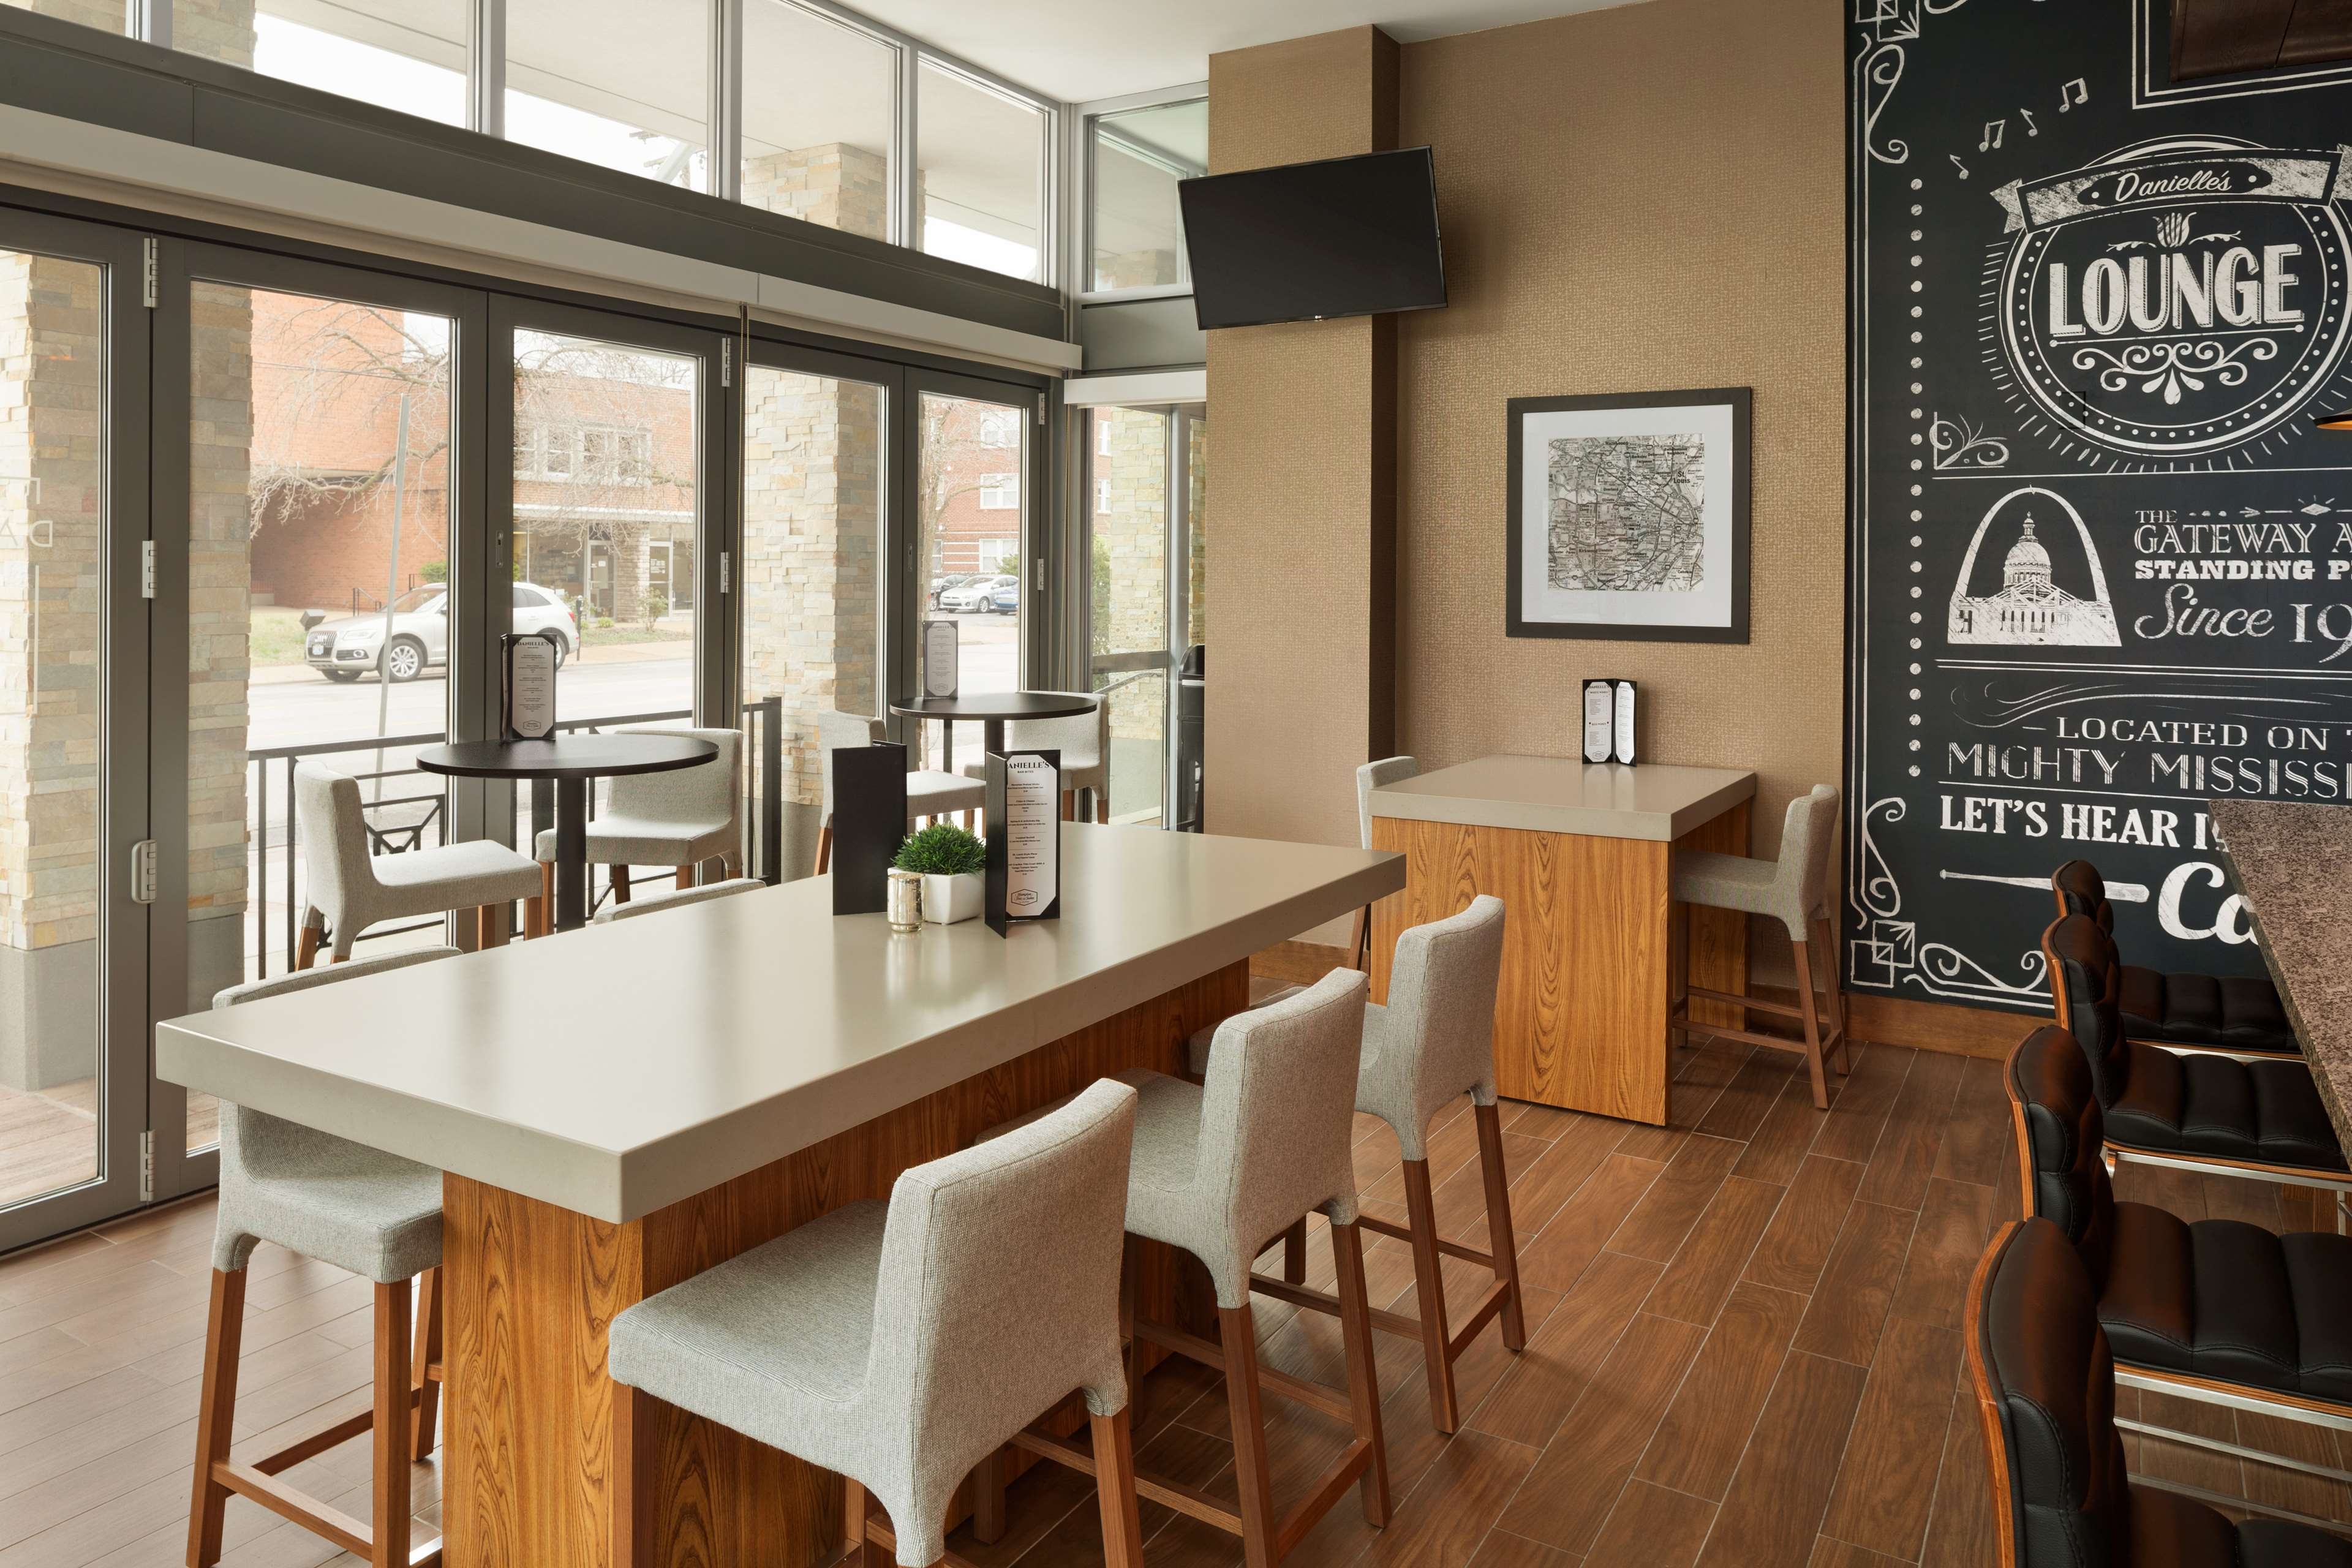 Hampton Inn and Suites Clayton/St Louis-Galleria Area image 36